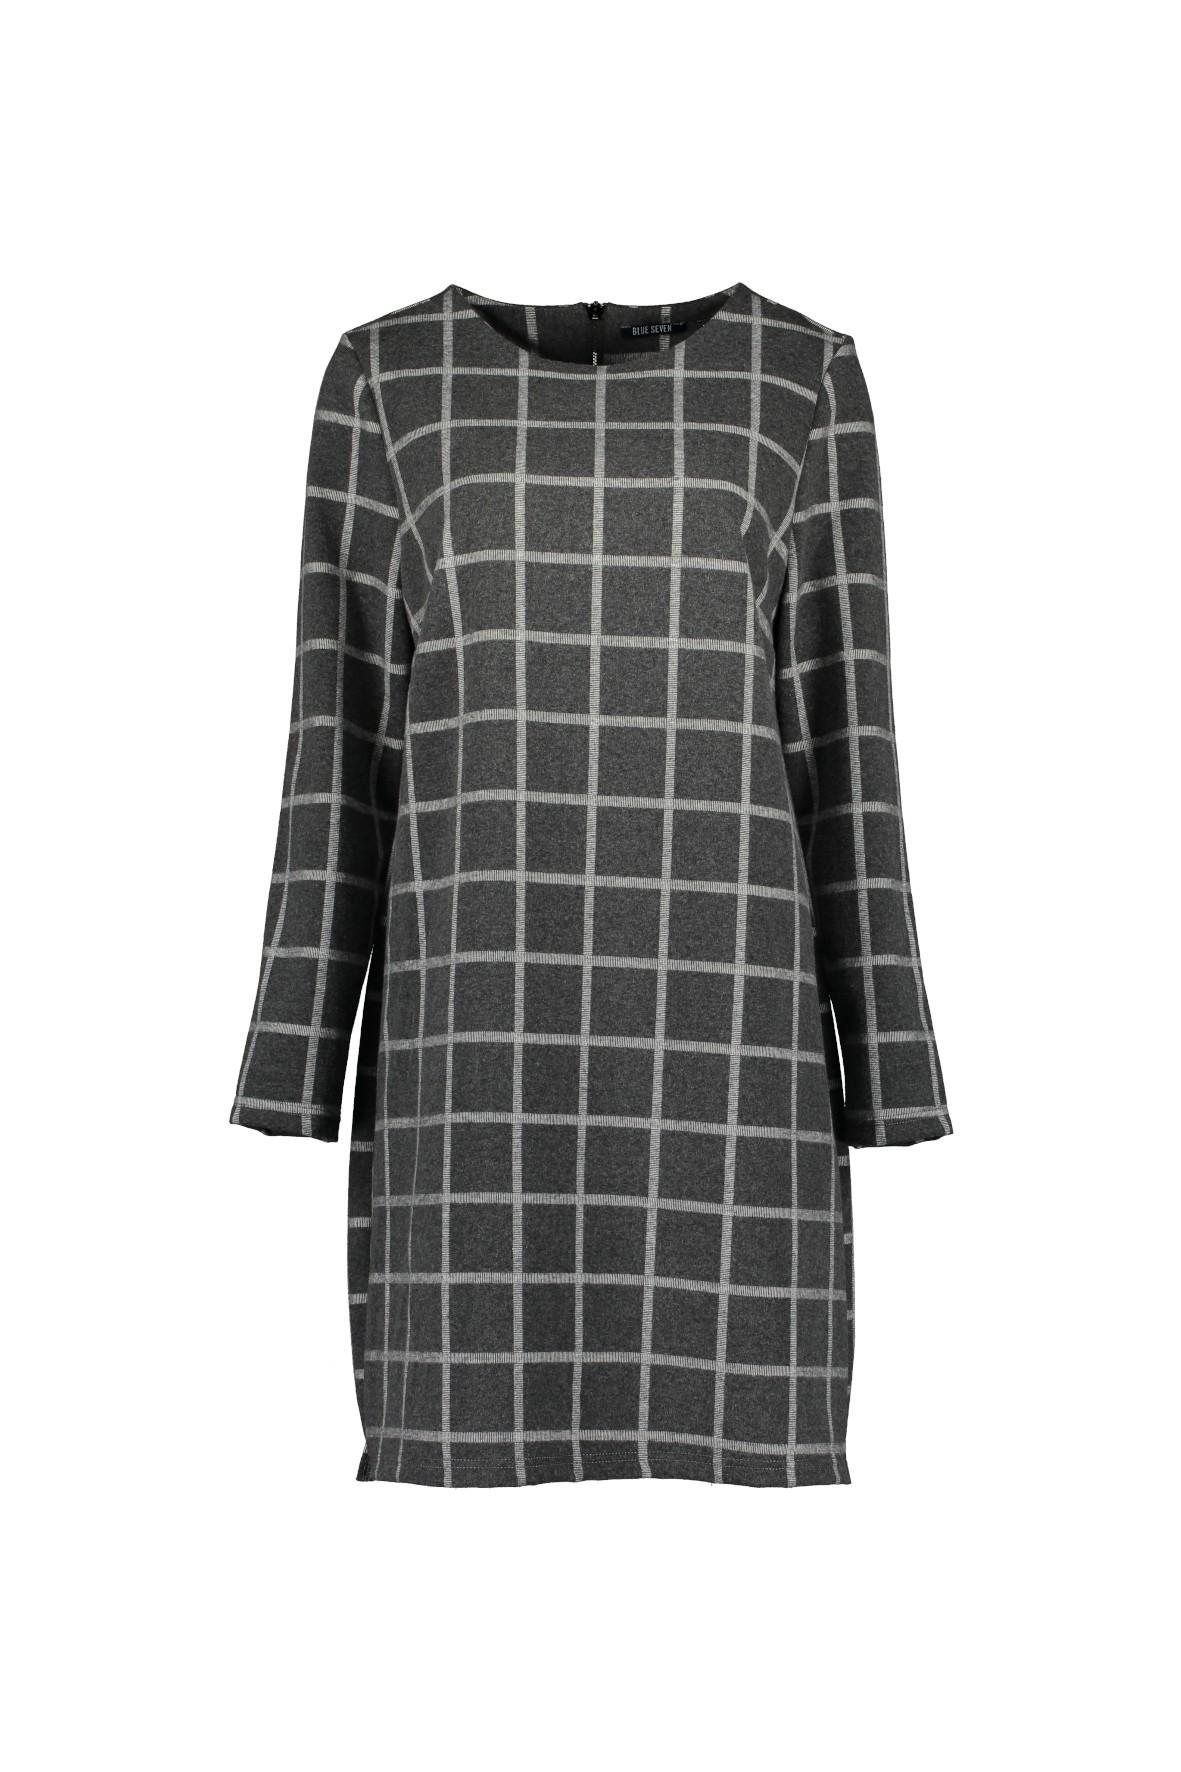 Dzianinowa sukienka damska w kratkę - szara